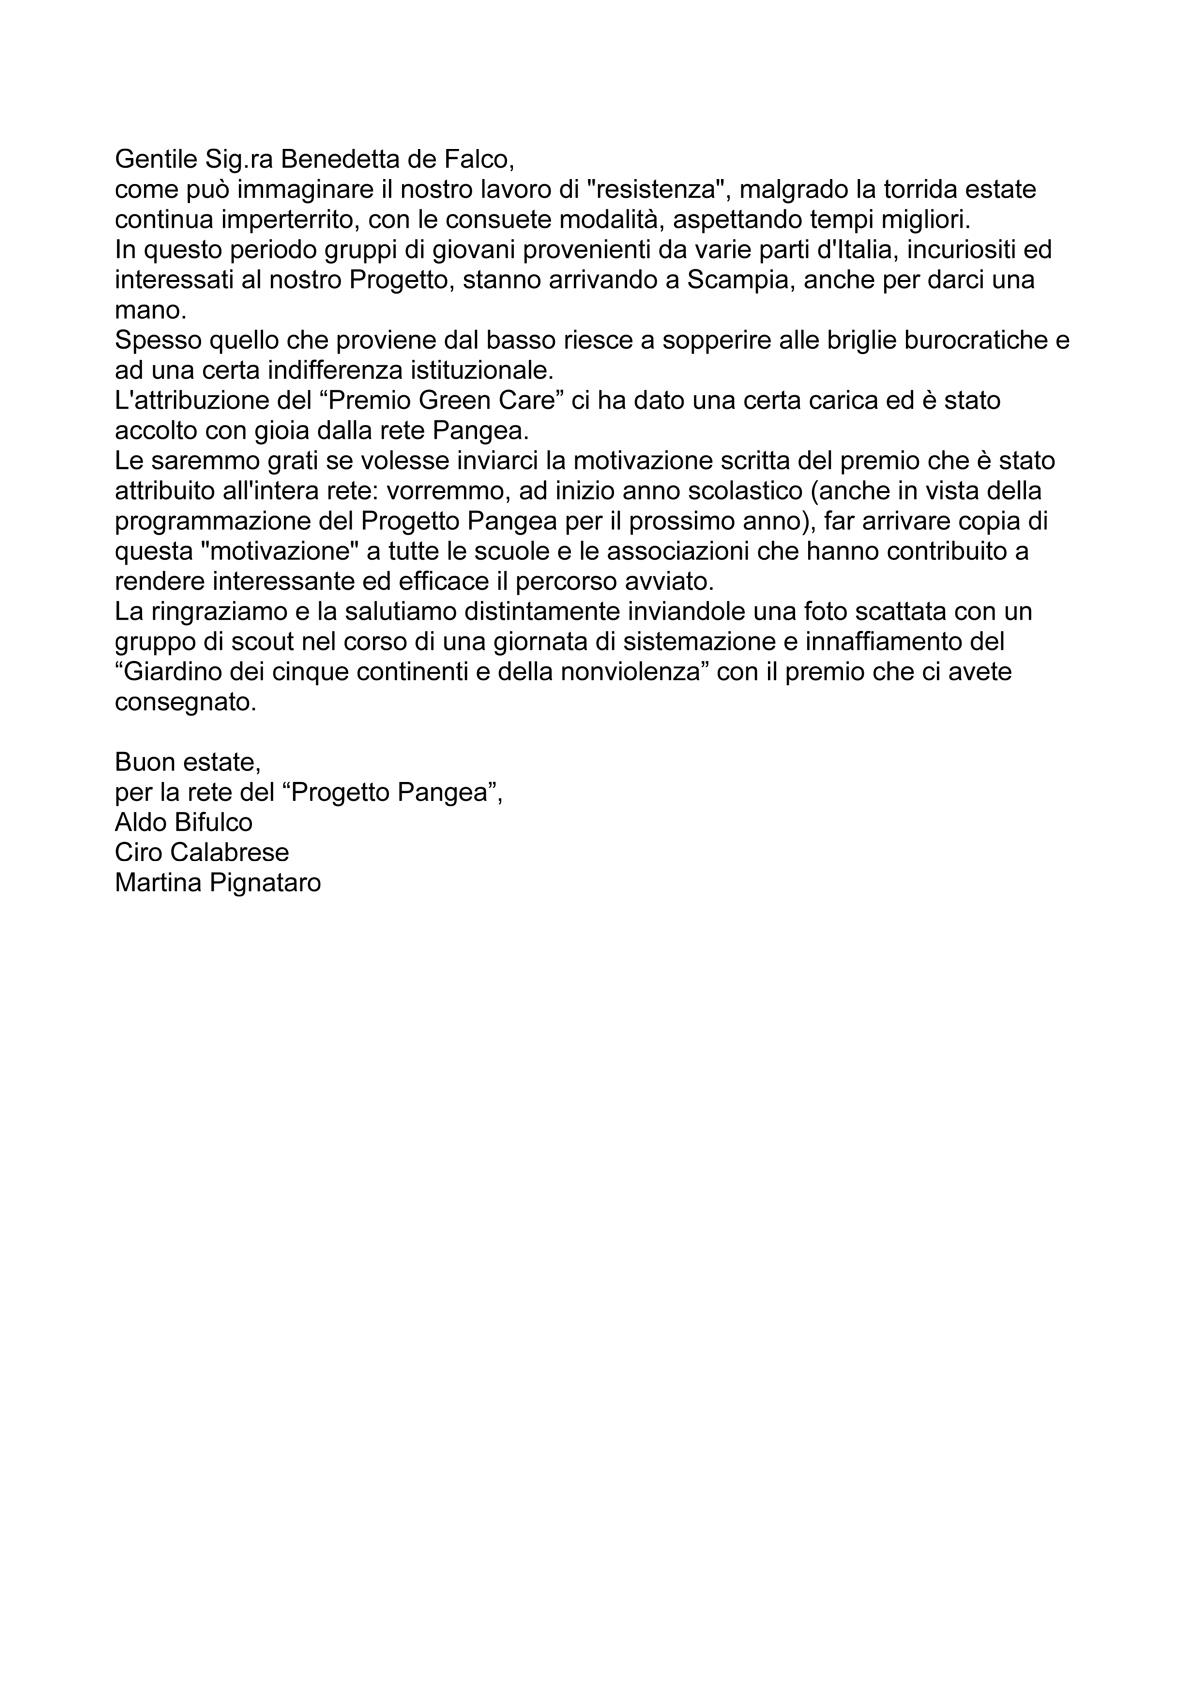 Progetto Pangea lettera premiato GreenCare